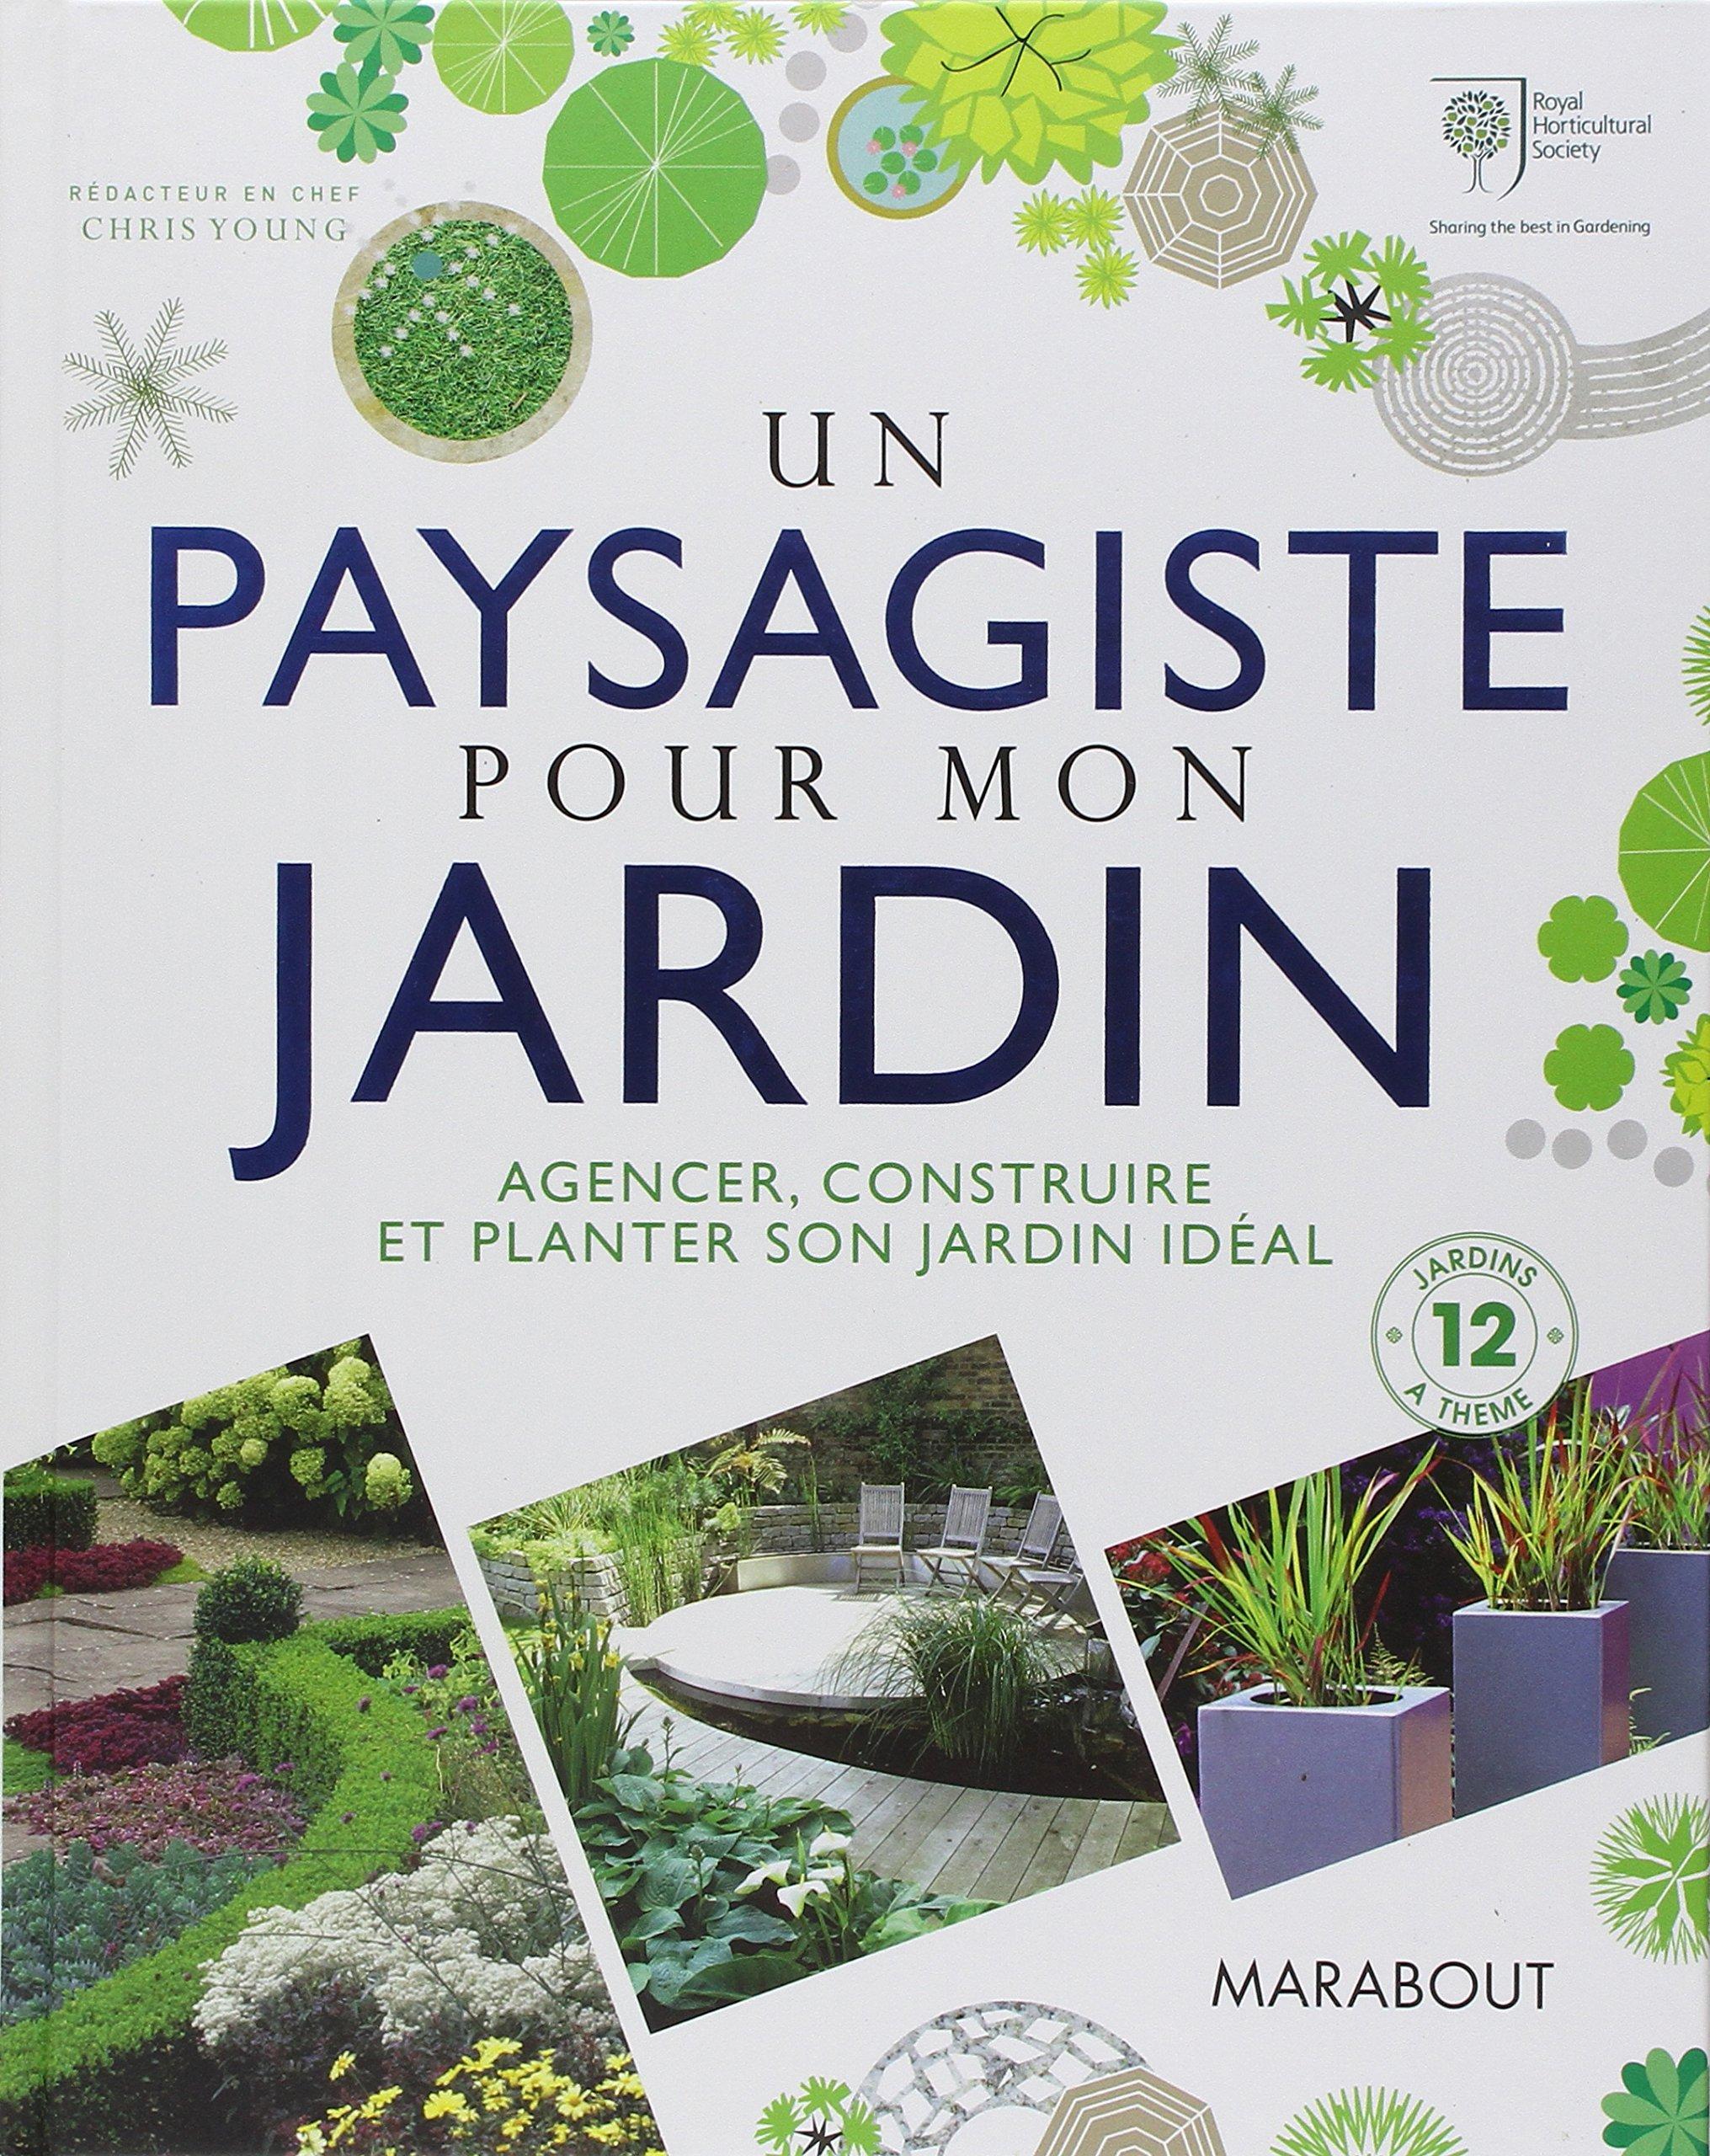 Un paysagiste pour mon jardin: Amazon.de: Collectif, Chris ...